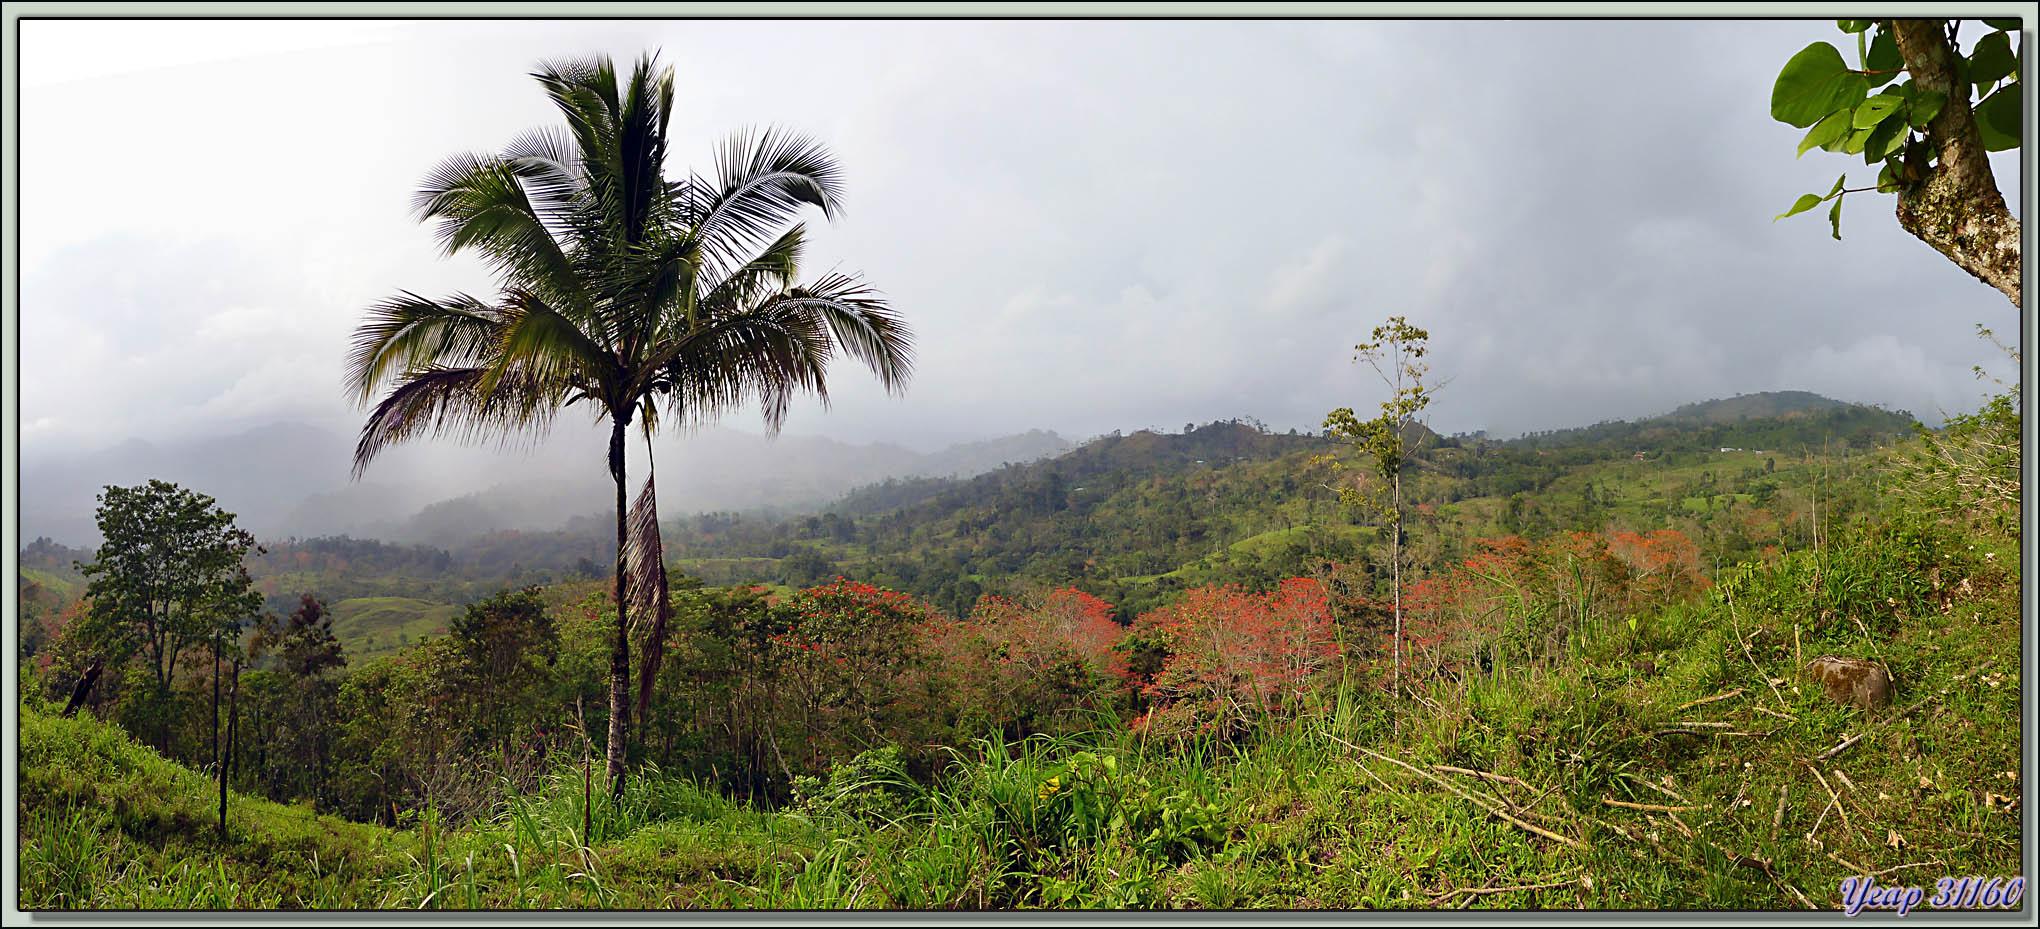 Paysage de l'est du Costa Rica sous un ciel menaçant